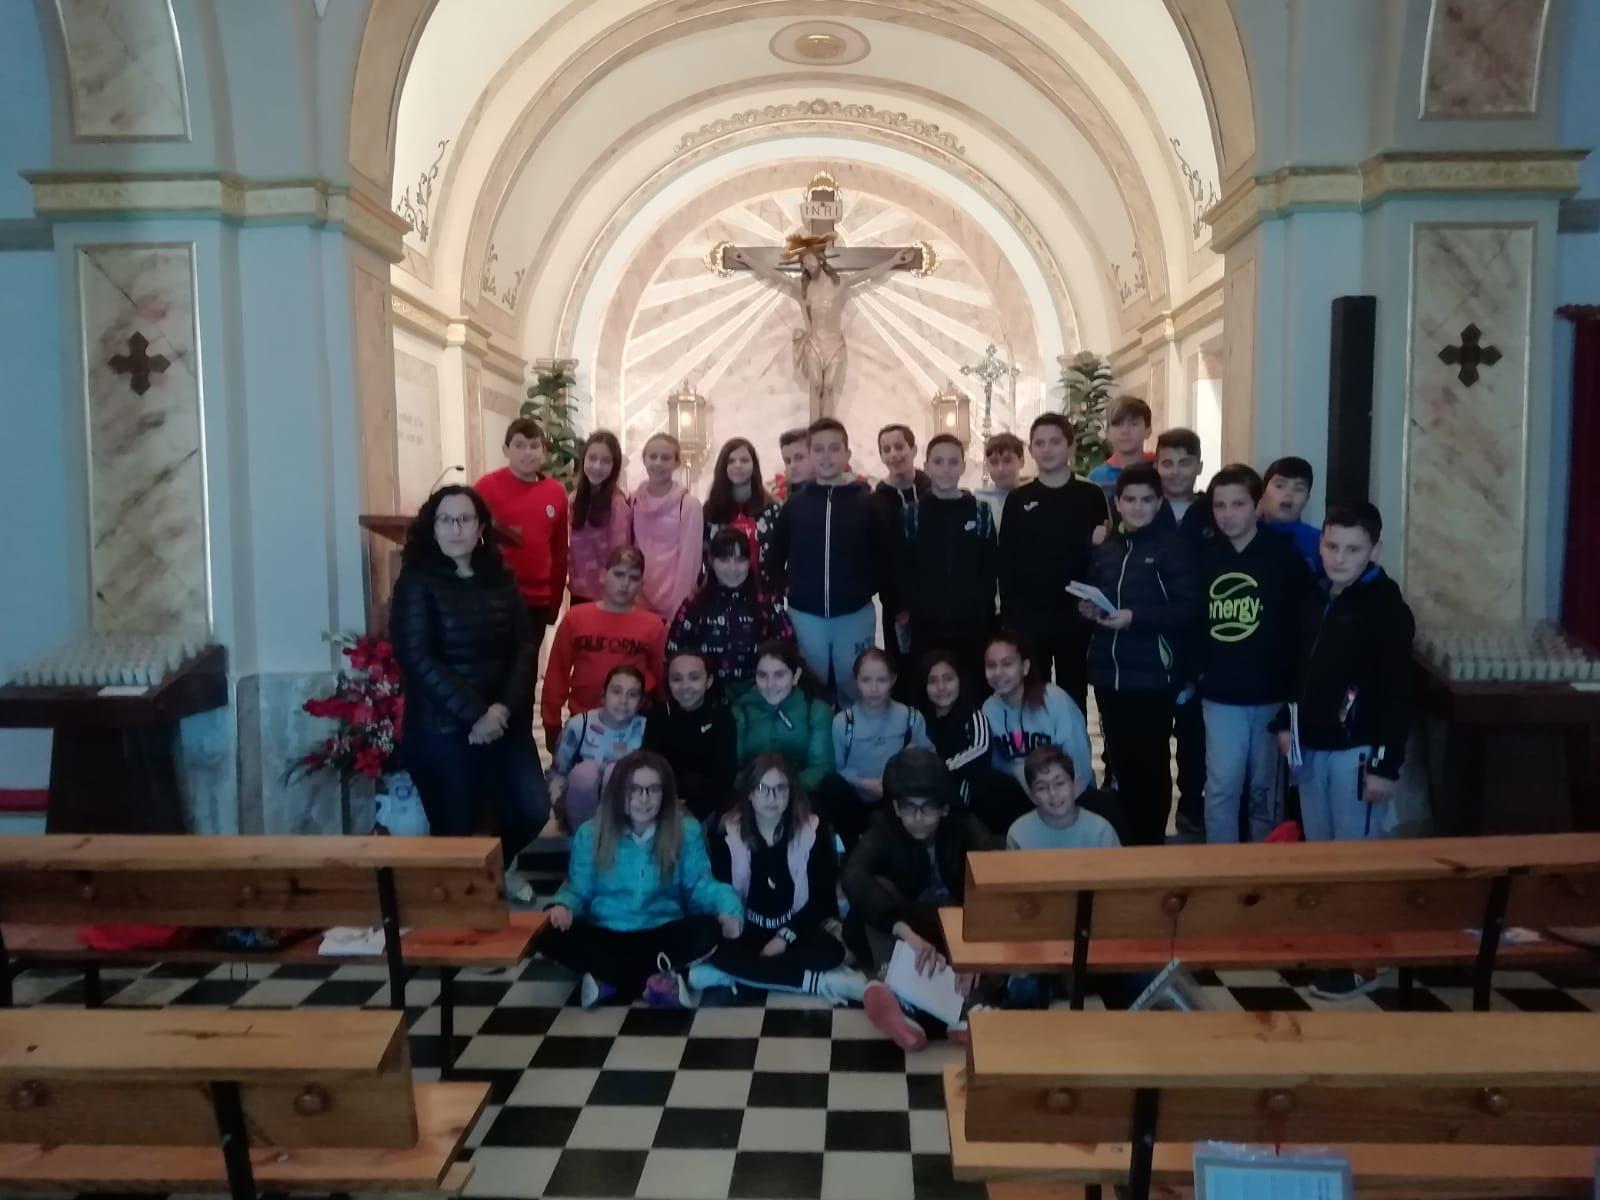 (2019-04-11) Visita ermita alumnos Pilar - 6 primaria -  9 de Octubre - María Isabel Berenguer (07)